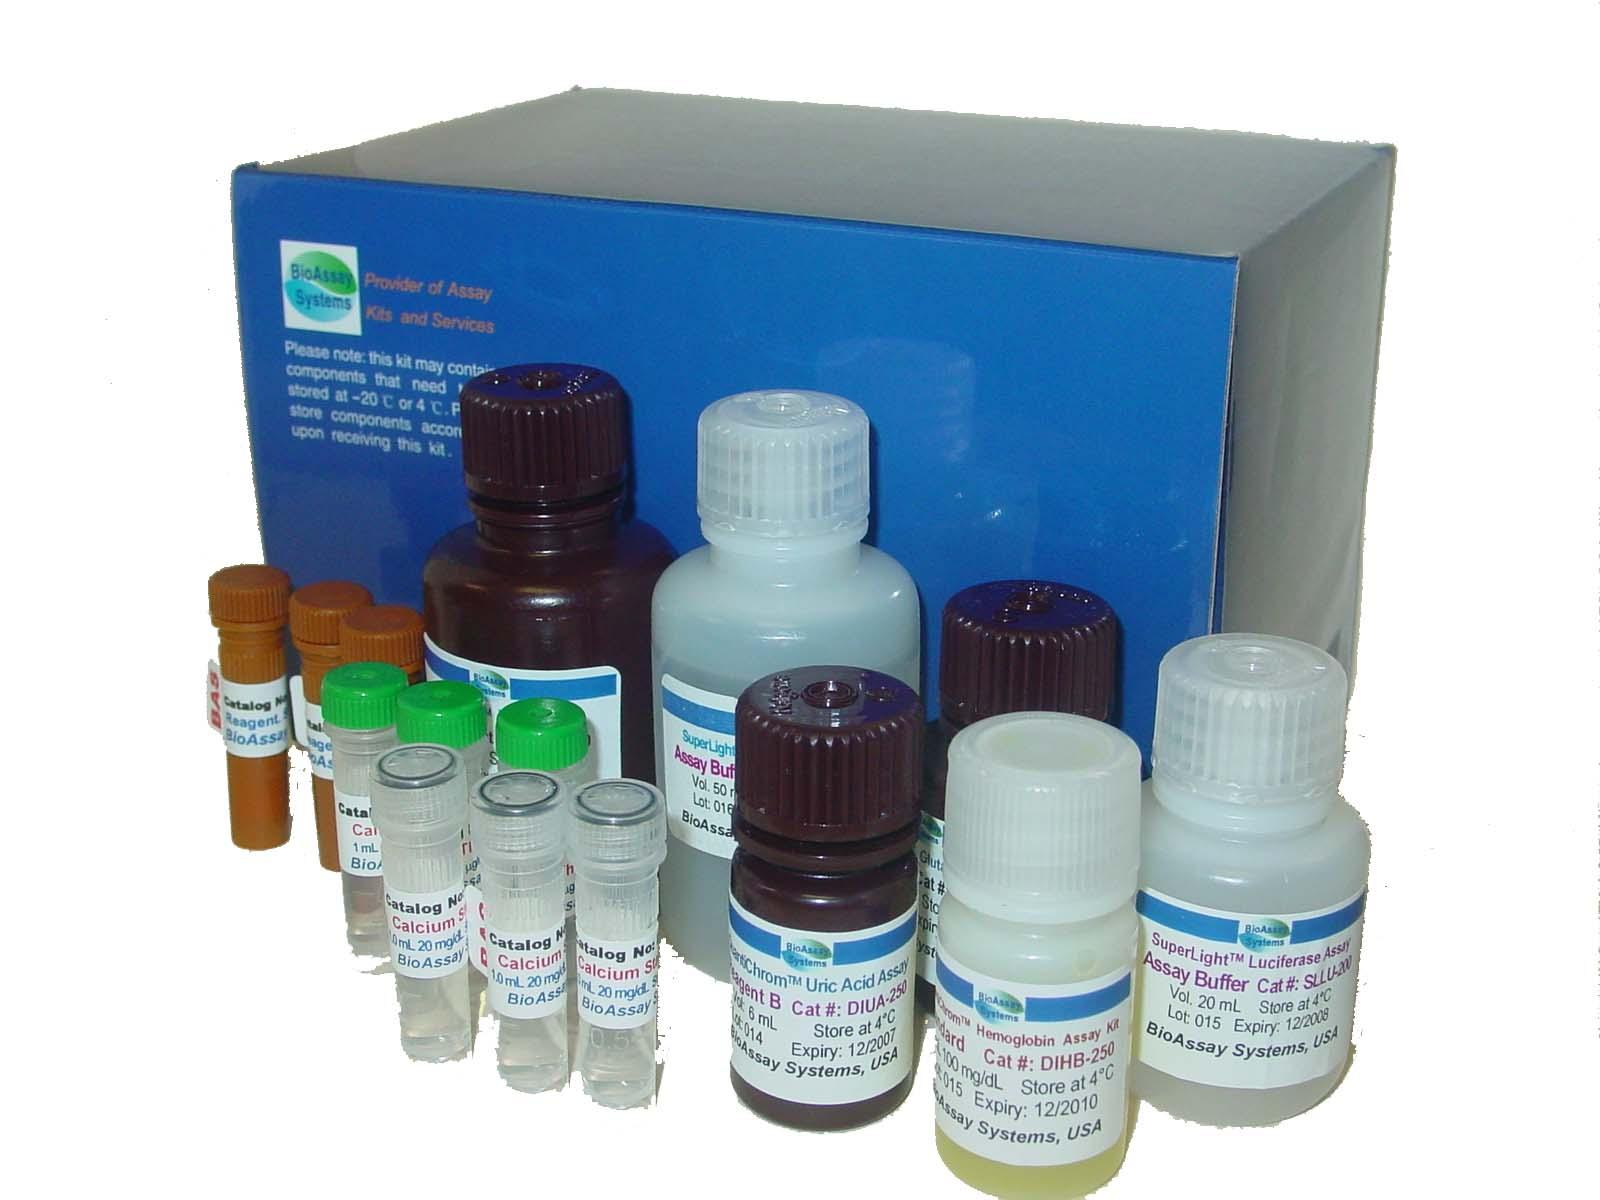 遊離三碘甲狀腺原 氨酸(FT3 )放免試劑盒檢測服務